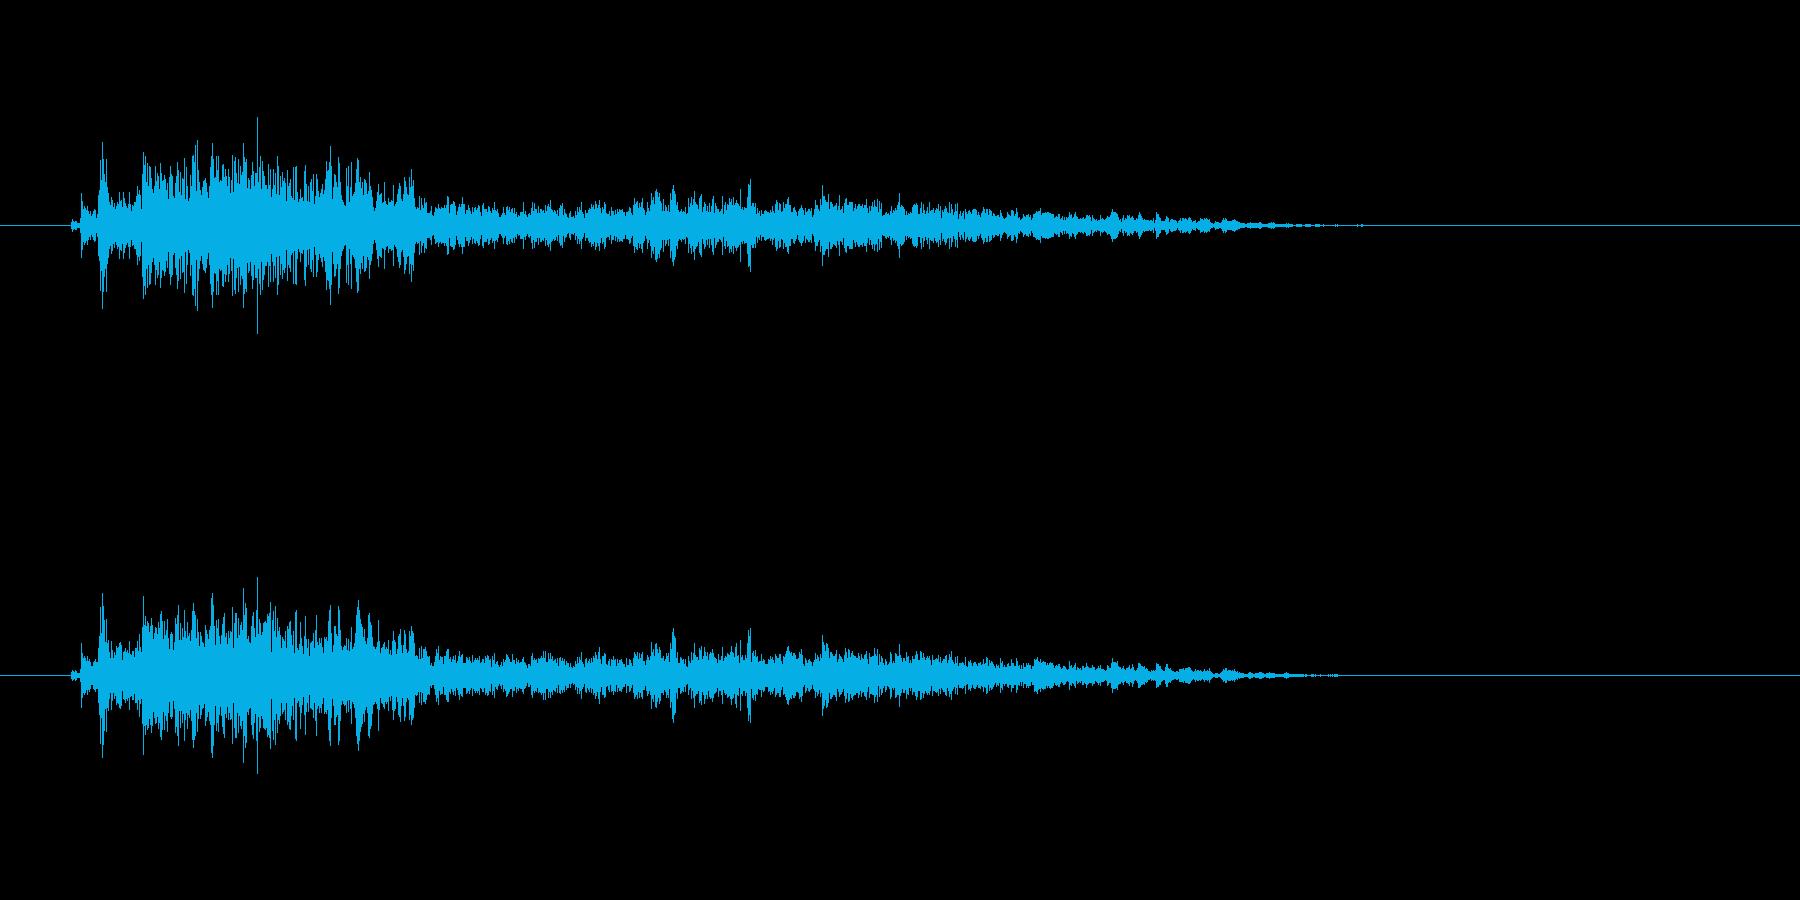 【モンスター01-7】の再生済みの波形